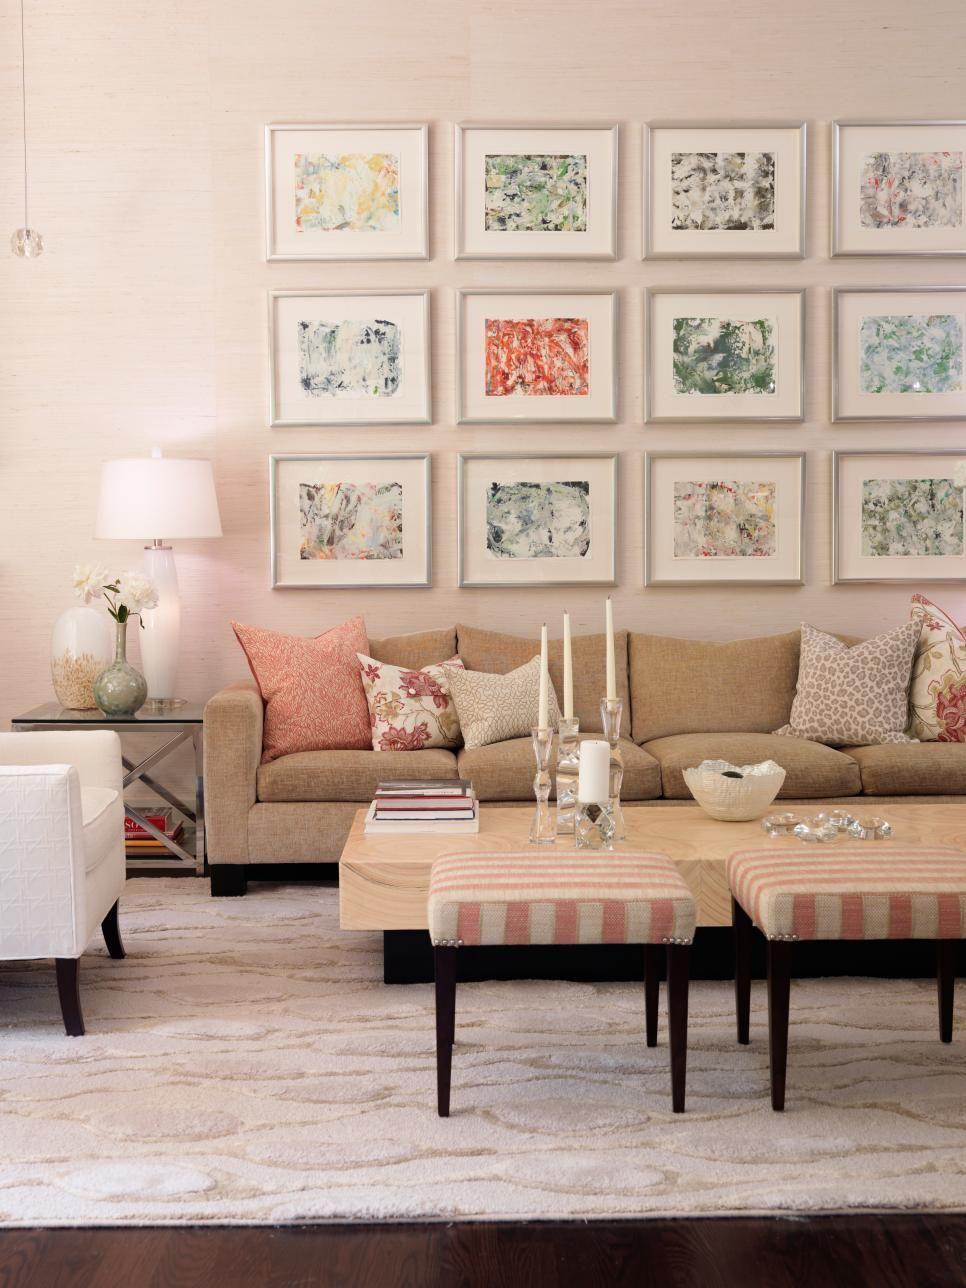 romantische wohnzimmer design :sarah richardson | wohnzimmer